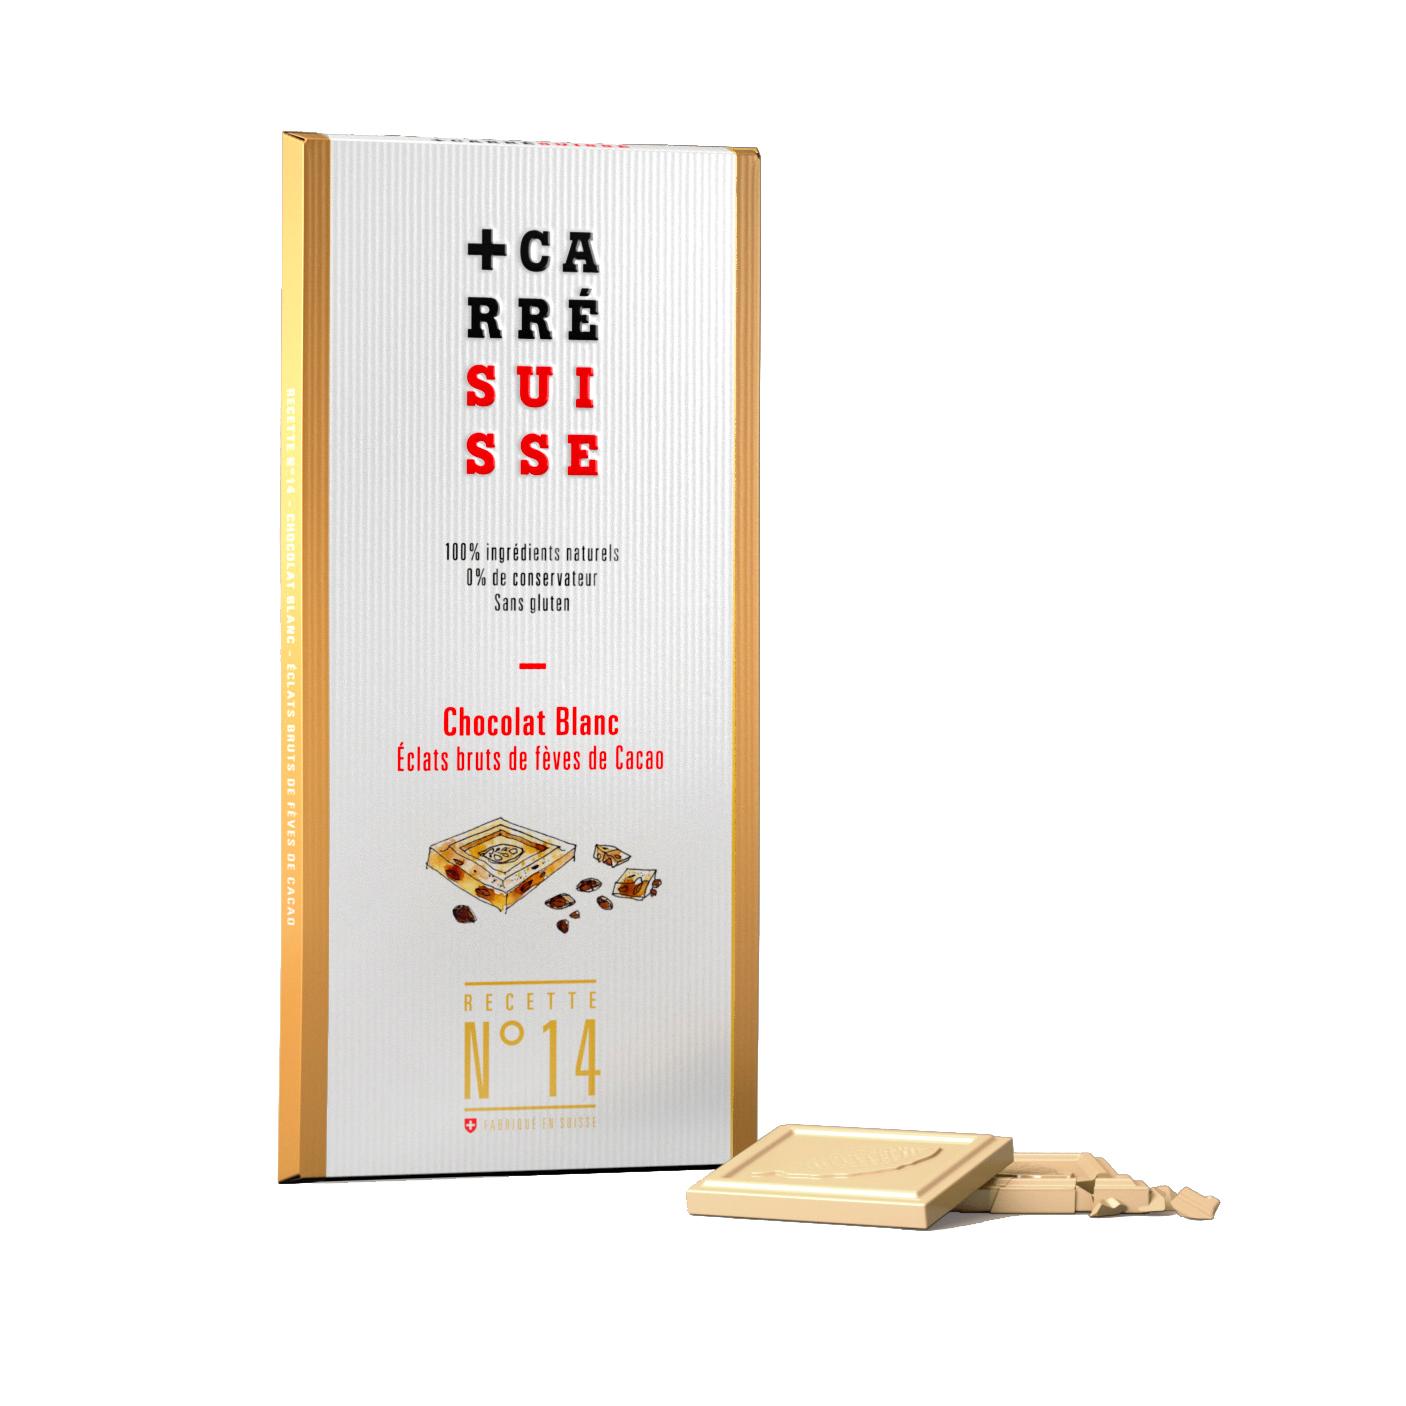 Chocolat blanc aux éclats brut de fèves de cacao BIO, Carré Suisse (100 g)